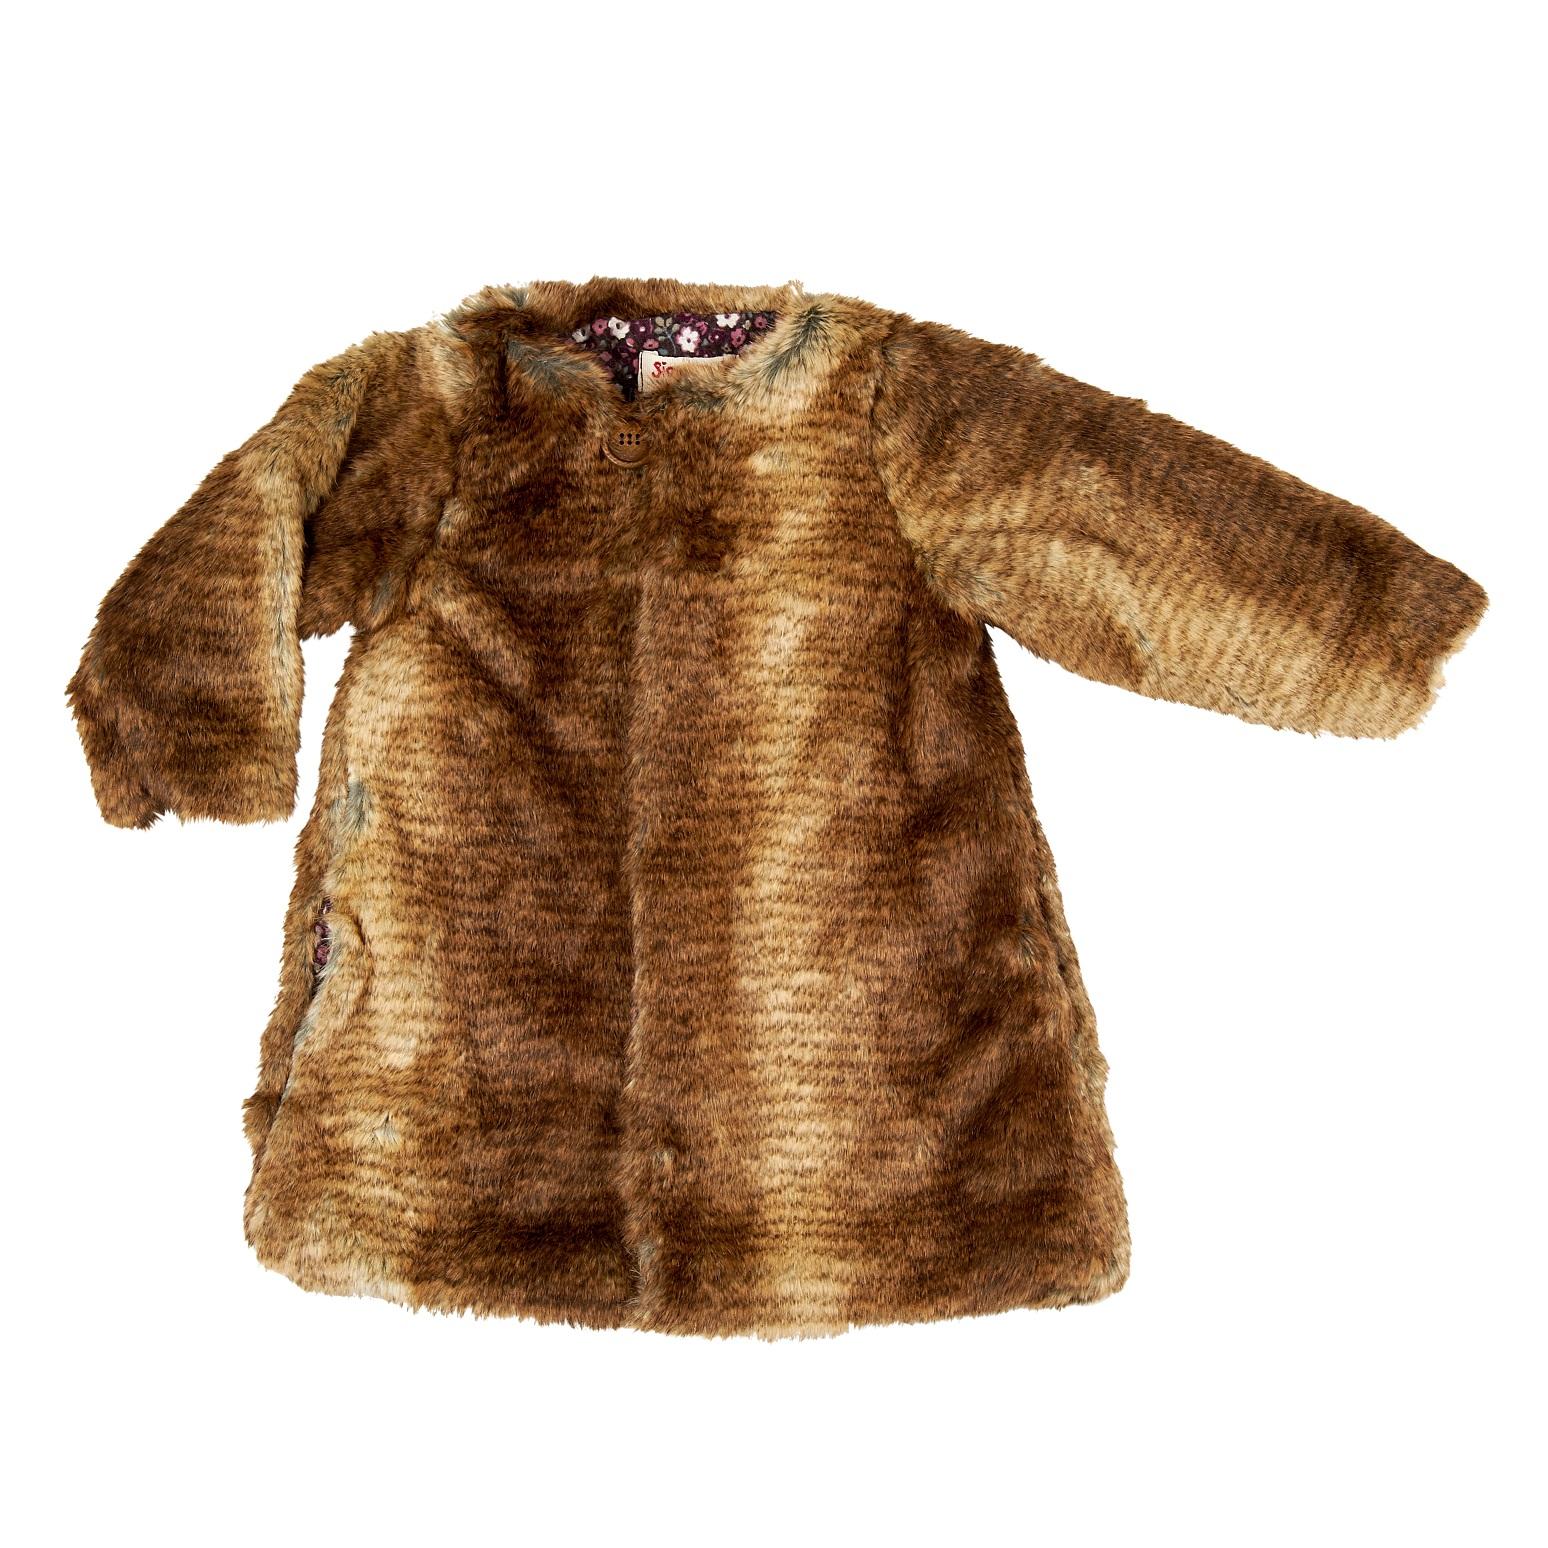 Manteau en lapin-peluche, à shopper sur Les Bonnes Manières.